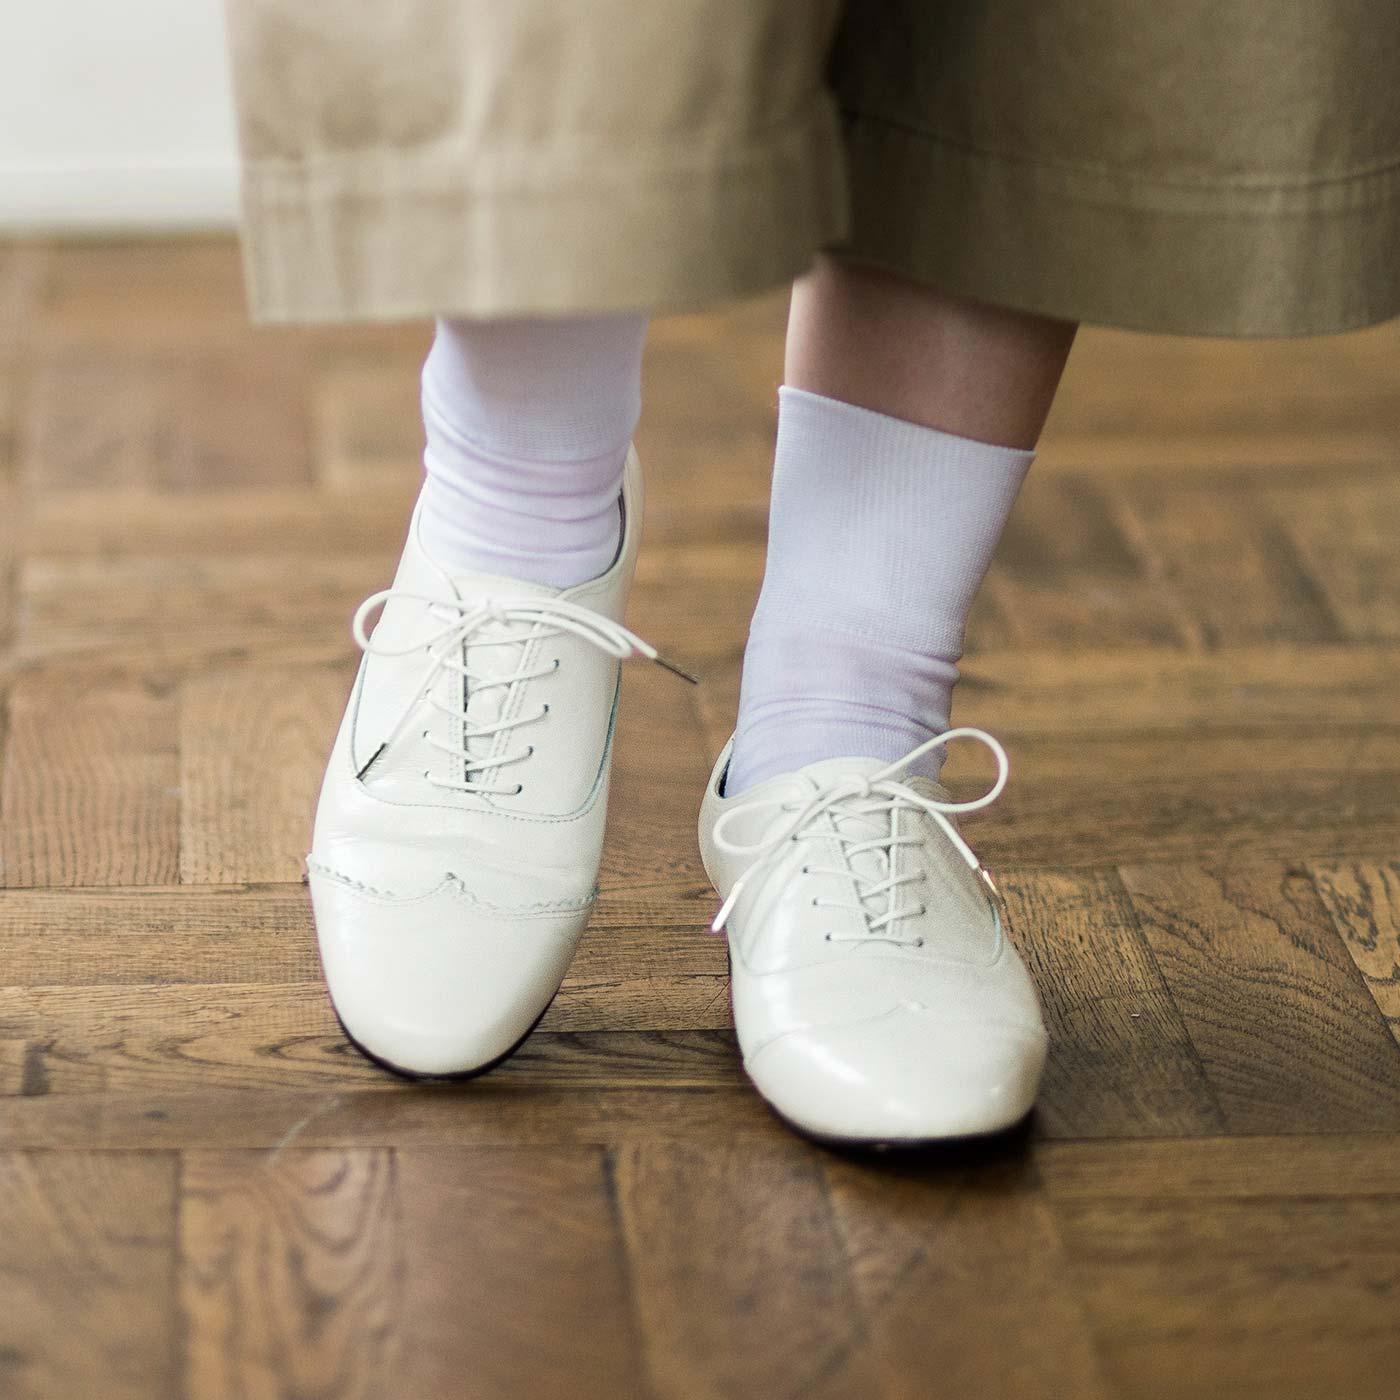 白×本革のコンビネーションで、何気ないコーディネイトも一気にあか抜けた印象に。人気の靴下コーデもより大人っぽく、定番デニムもこなれた雰囲気に仕上がります。